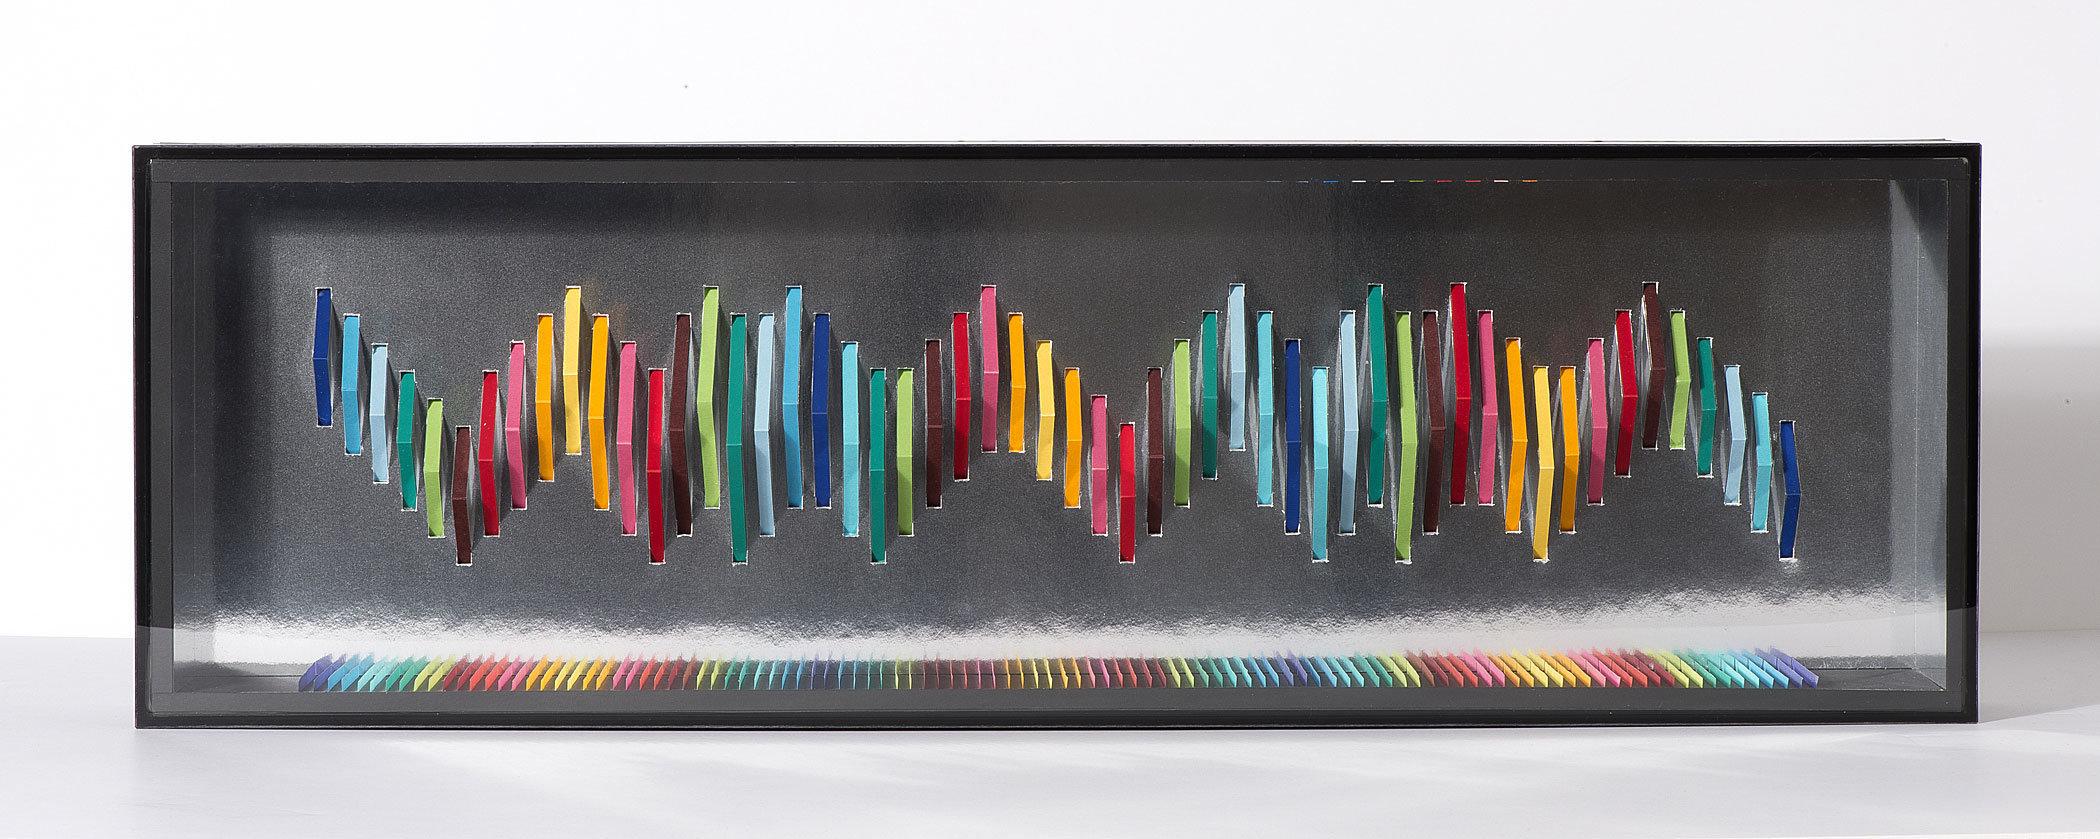 Francoise-LUCIANI-Boite-de-couleurs-80x20cm.jpg